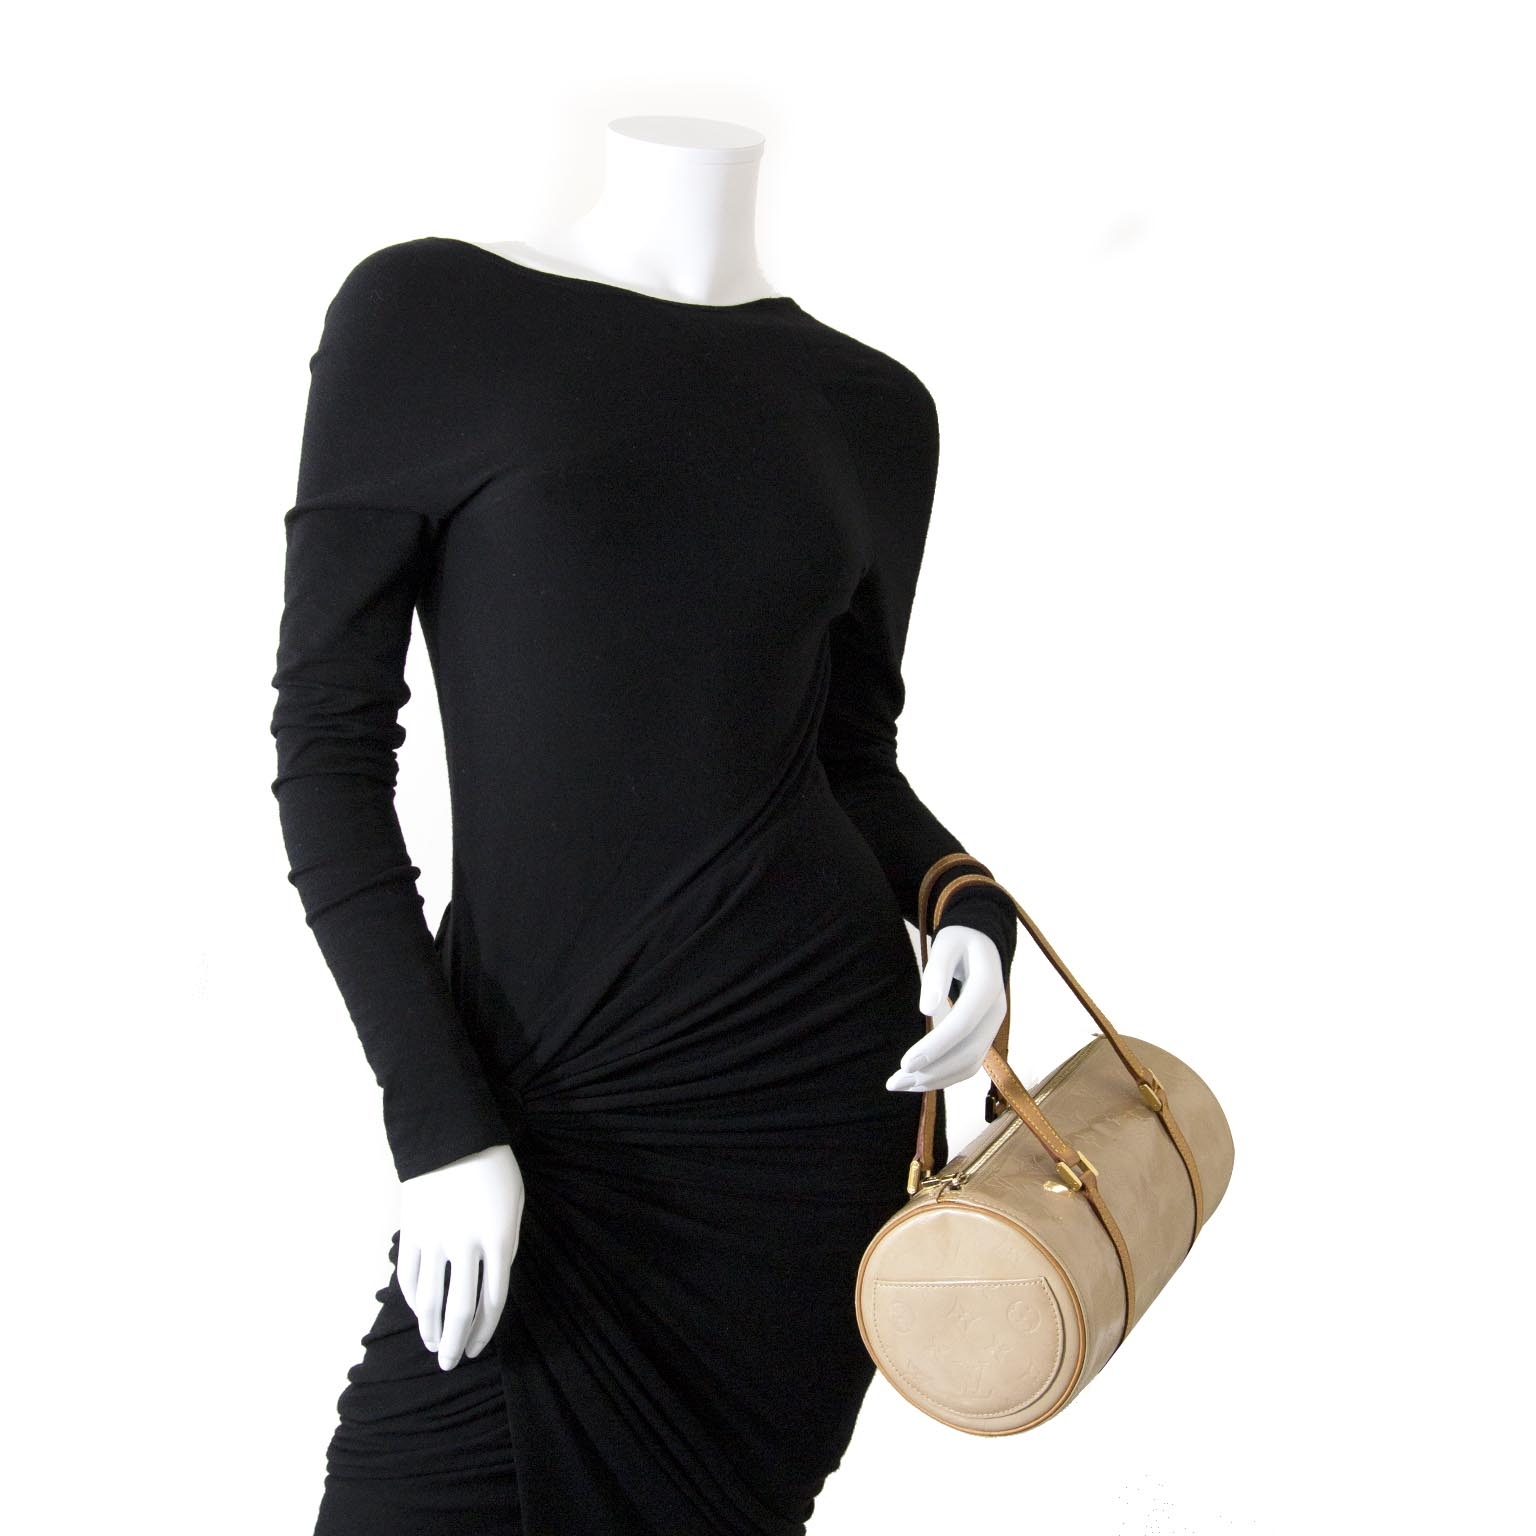 louis vuitton vernis bedford papillon bag now for sale at labellov vintage fashion webshop belgium